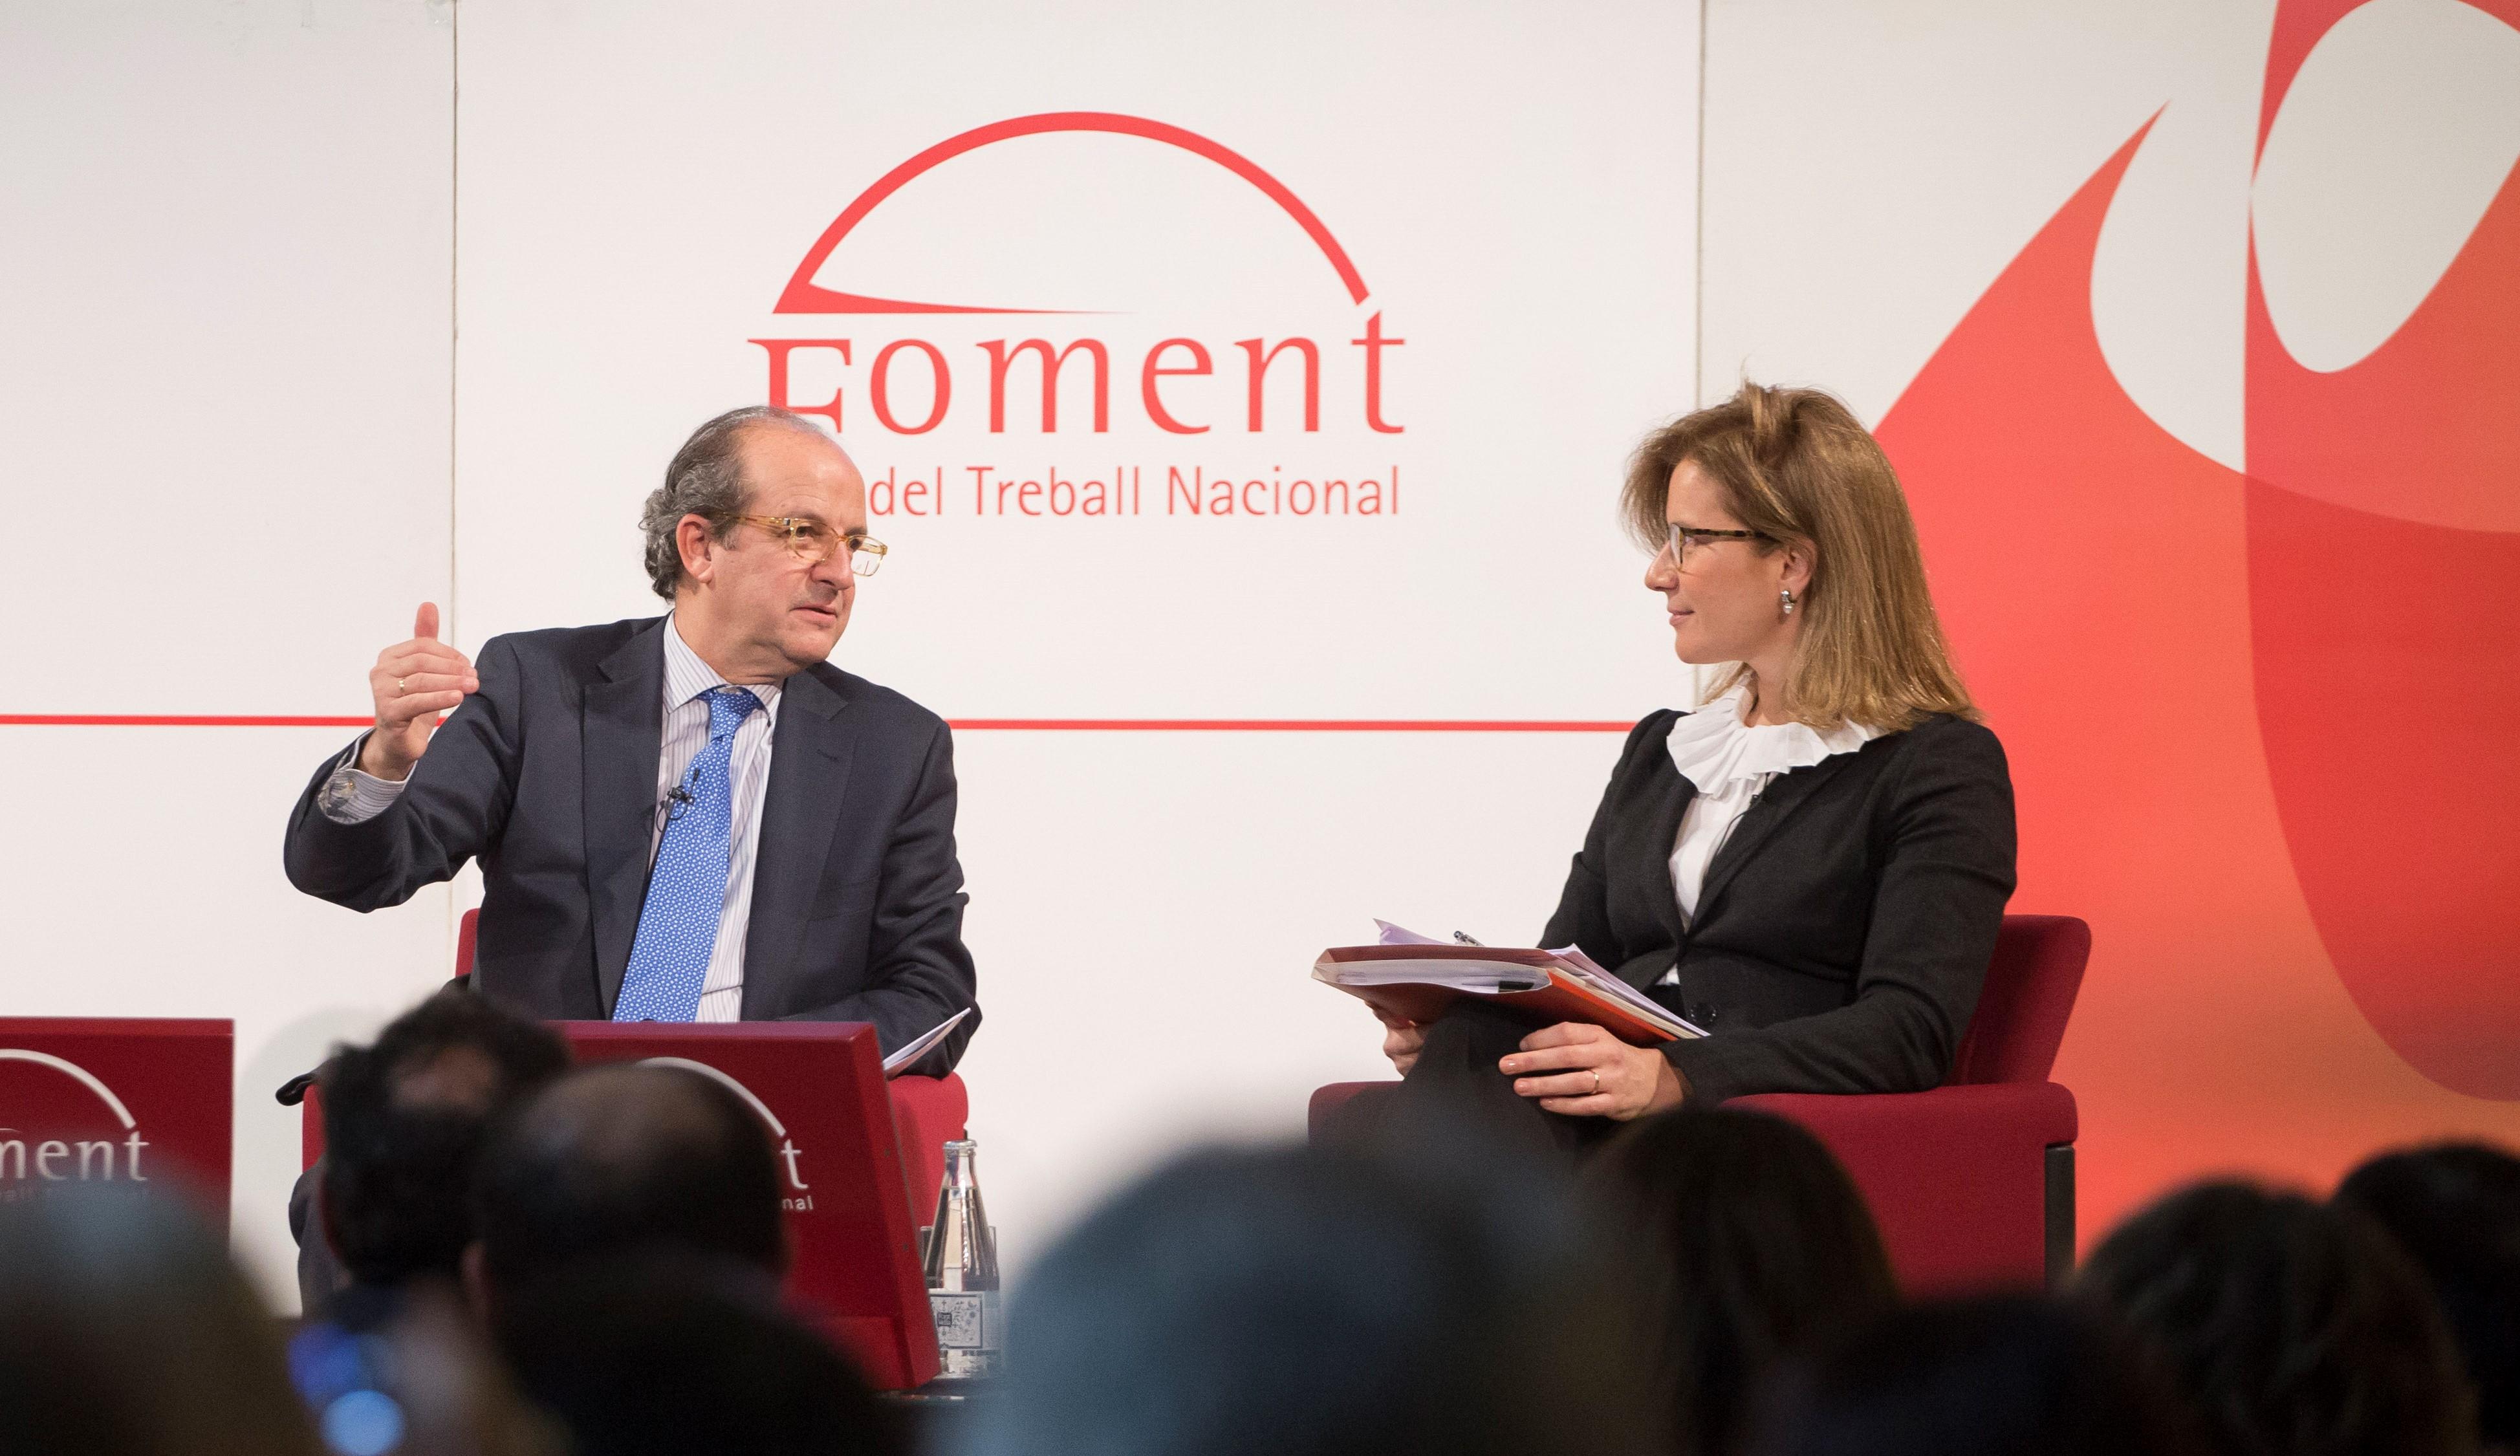 Els mercats de residus i la seva regulació requeriran adaptar-se al nou paradigma de l'Economia Circular